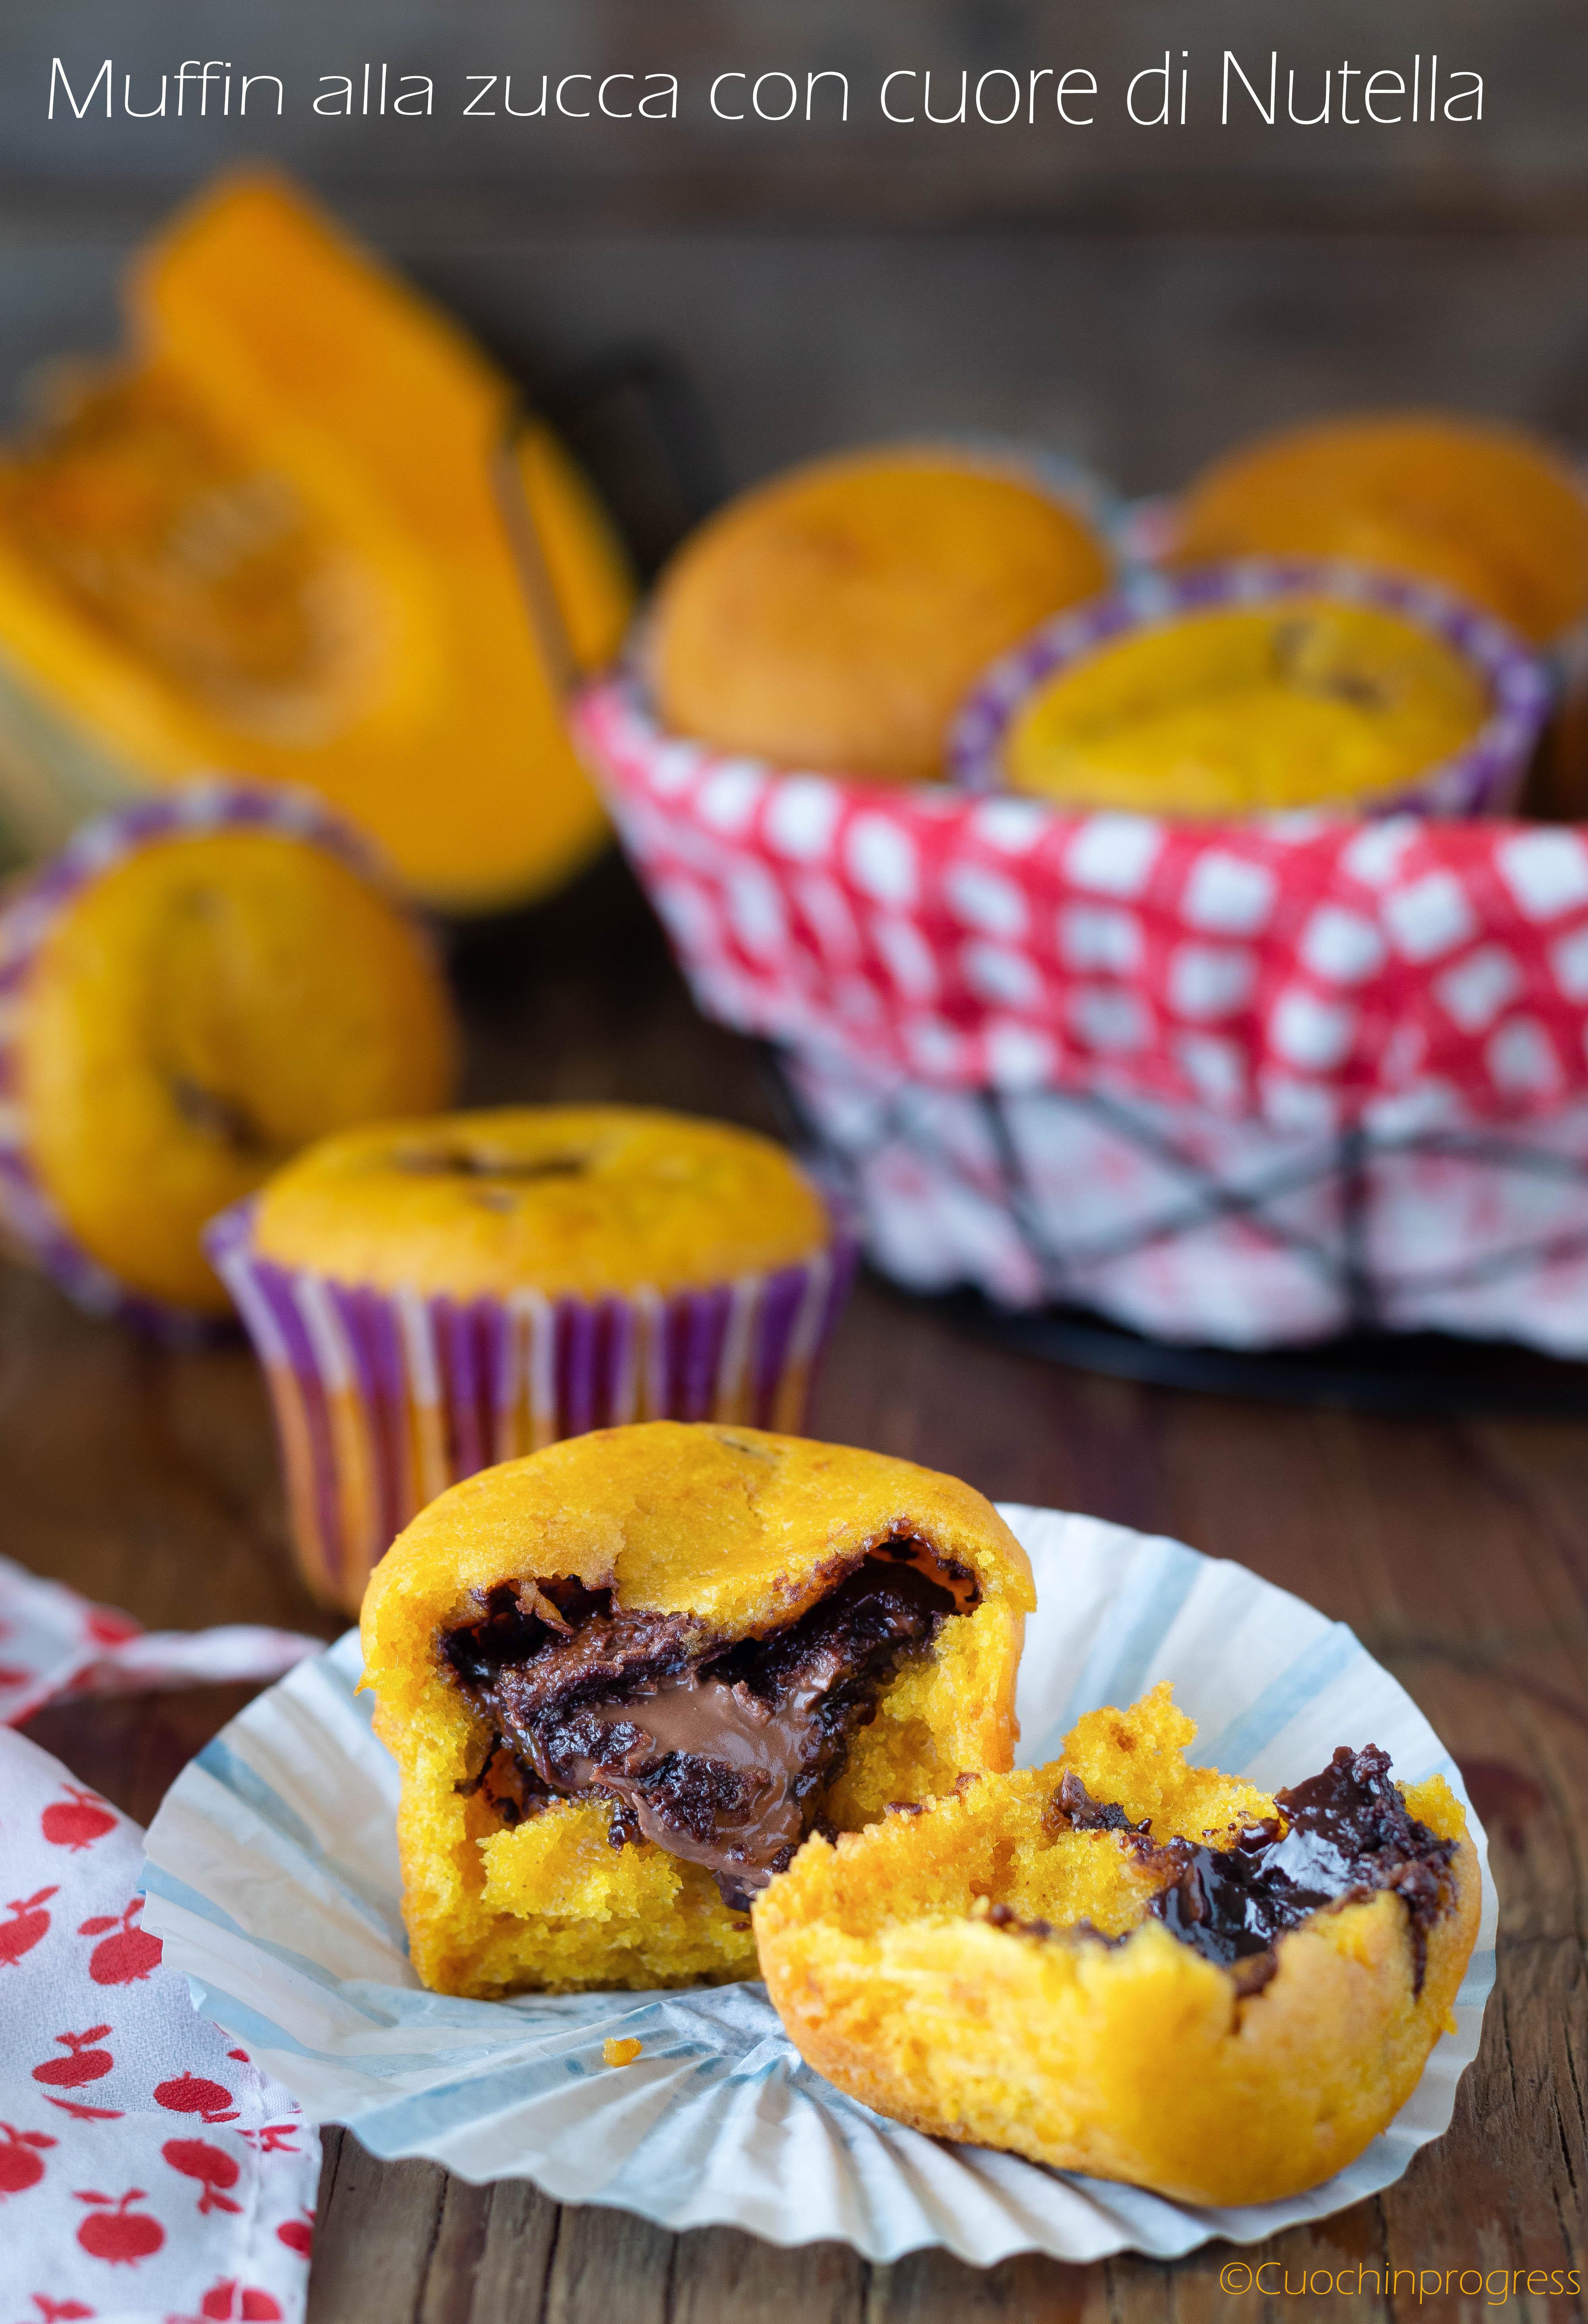 muffin alla zucca con cuore di nutella